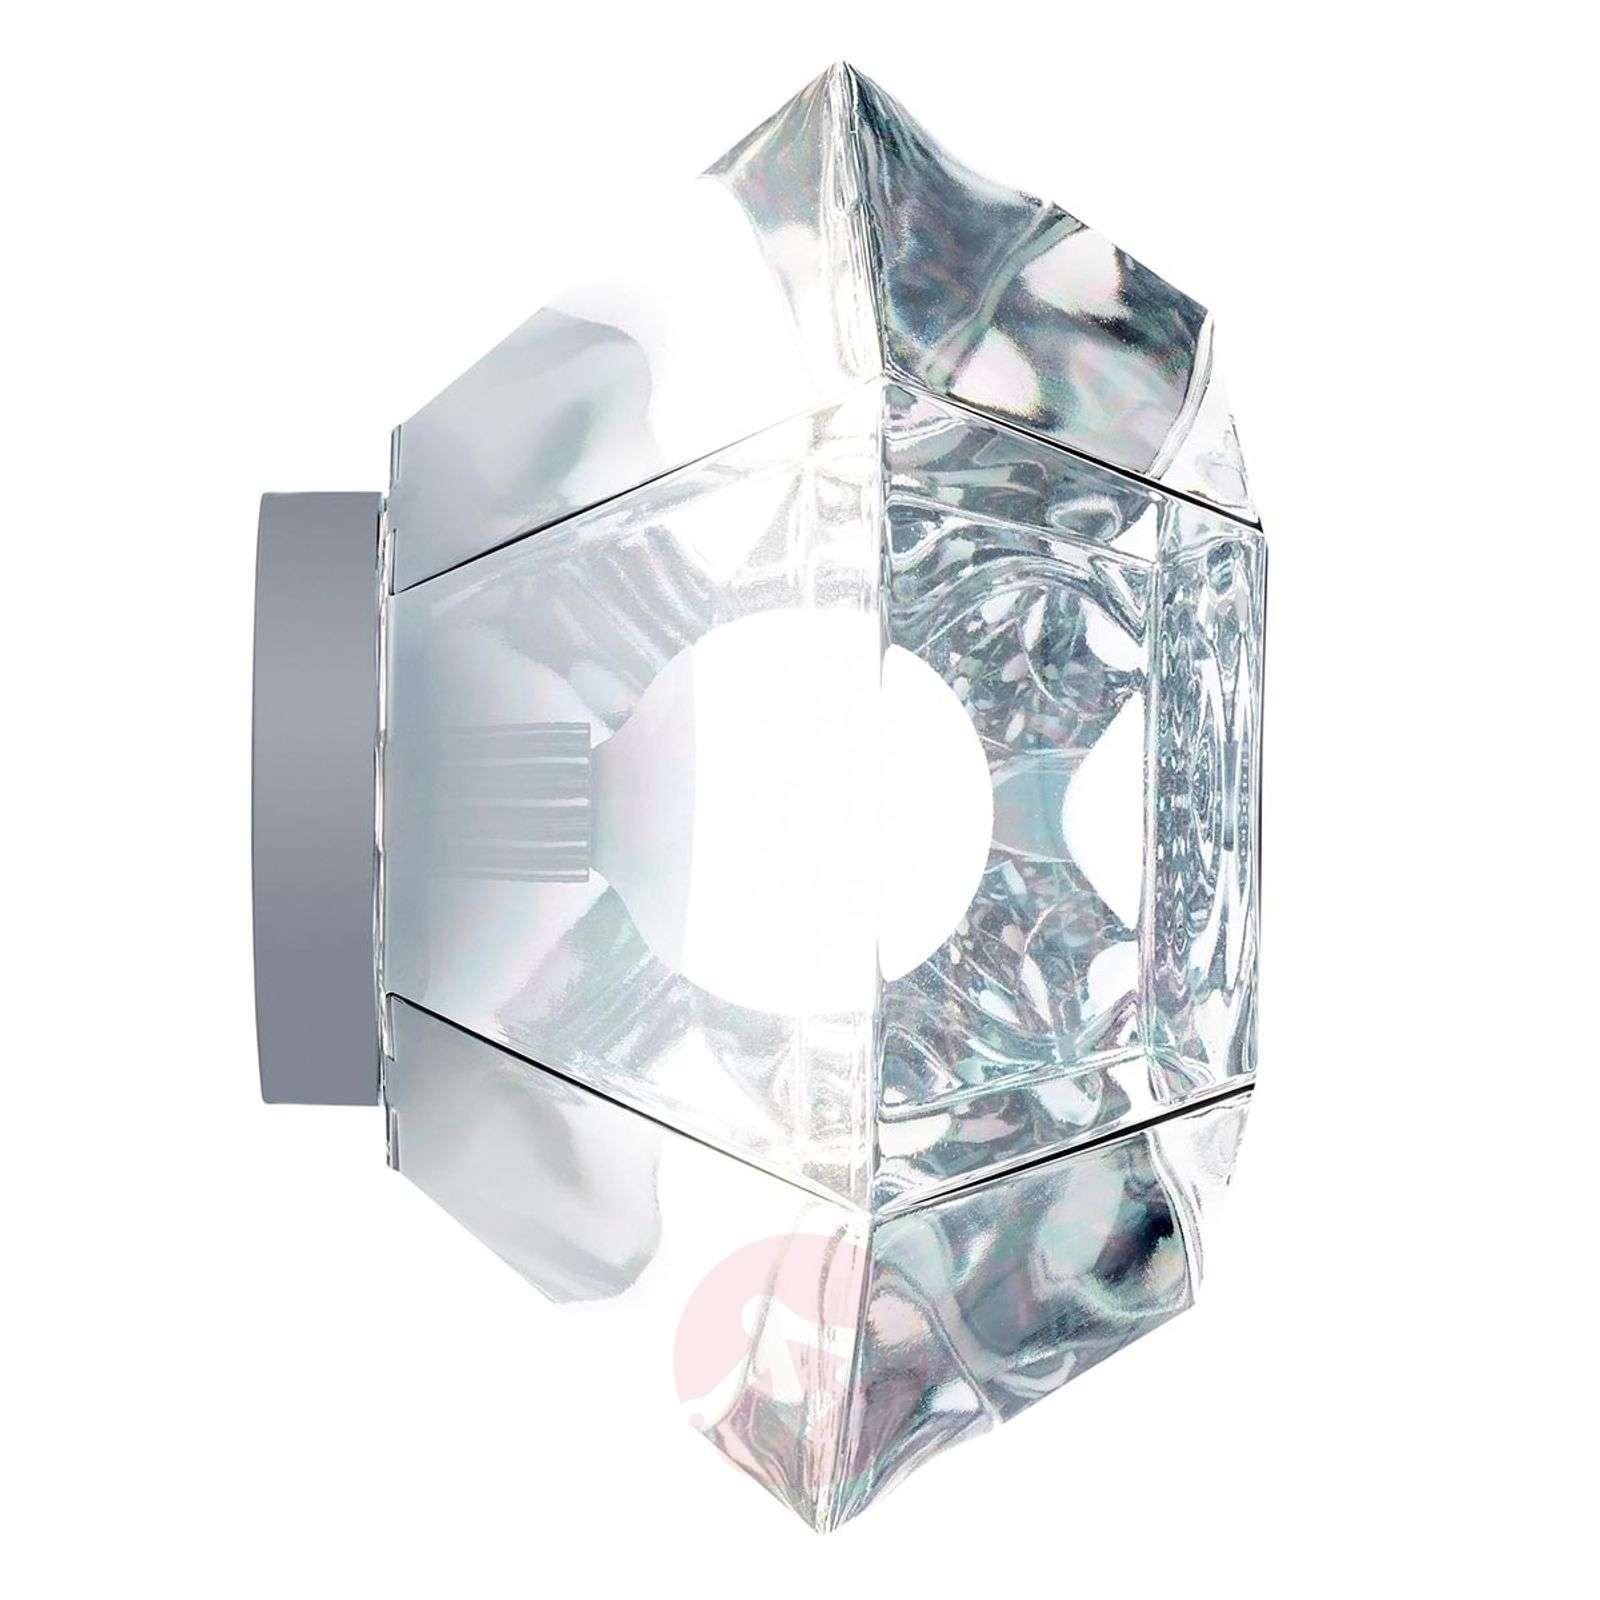 Kuusikulmainen Cut Surface-kattolamppu, kromi-9043045-01